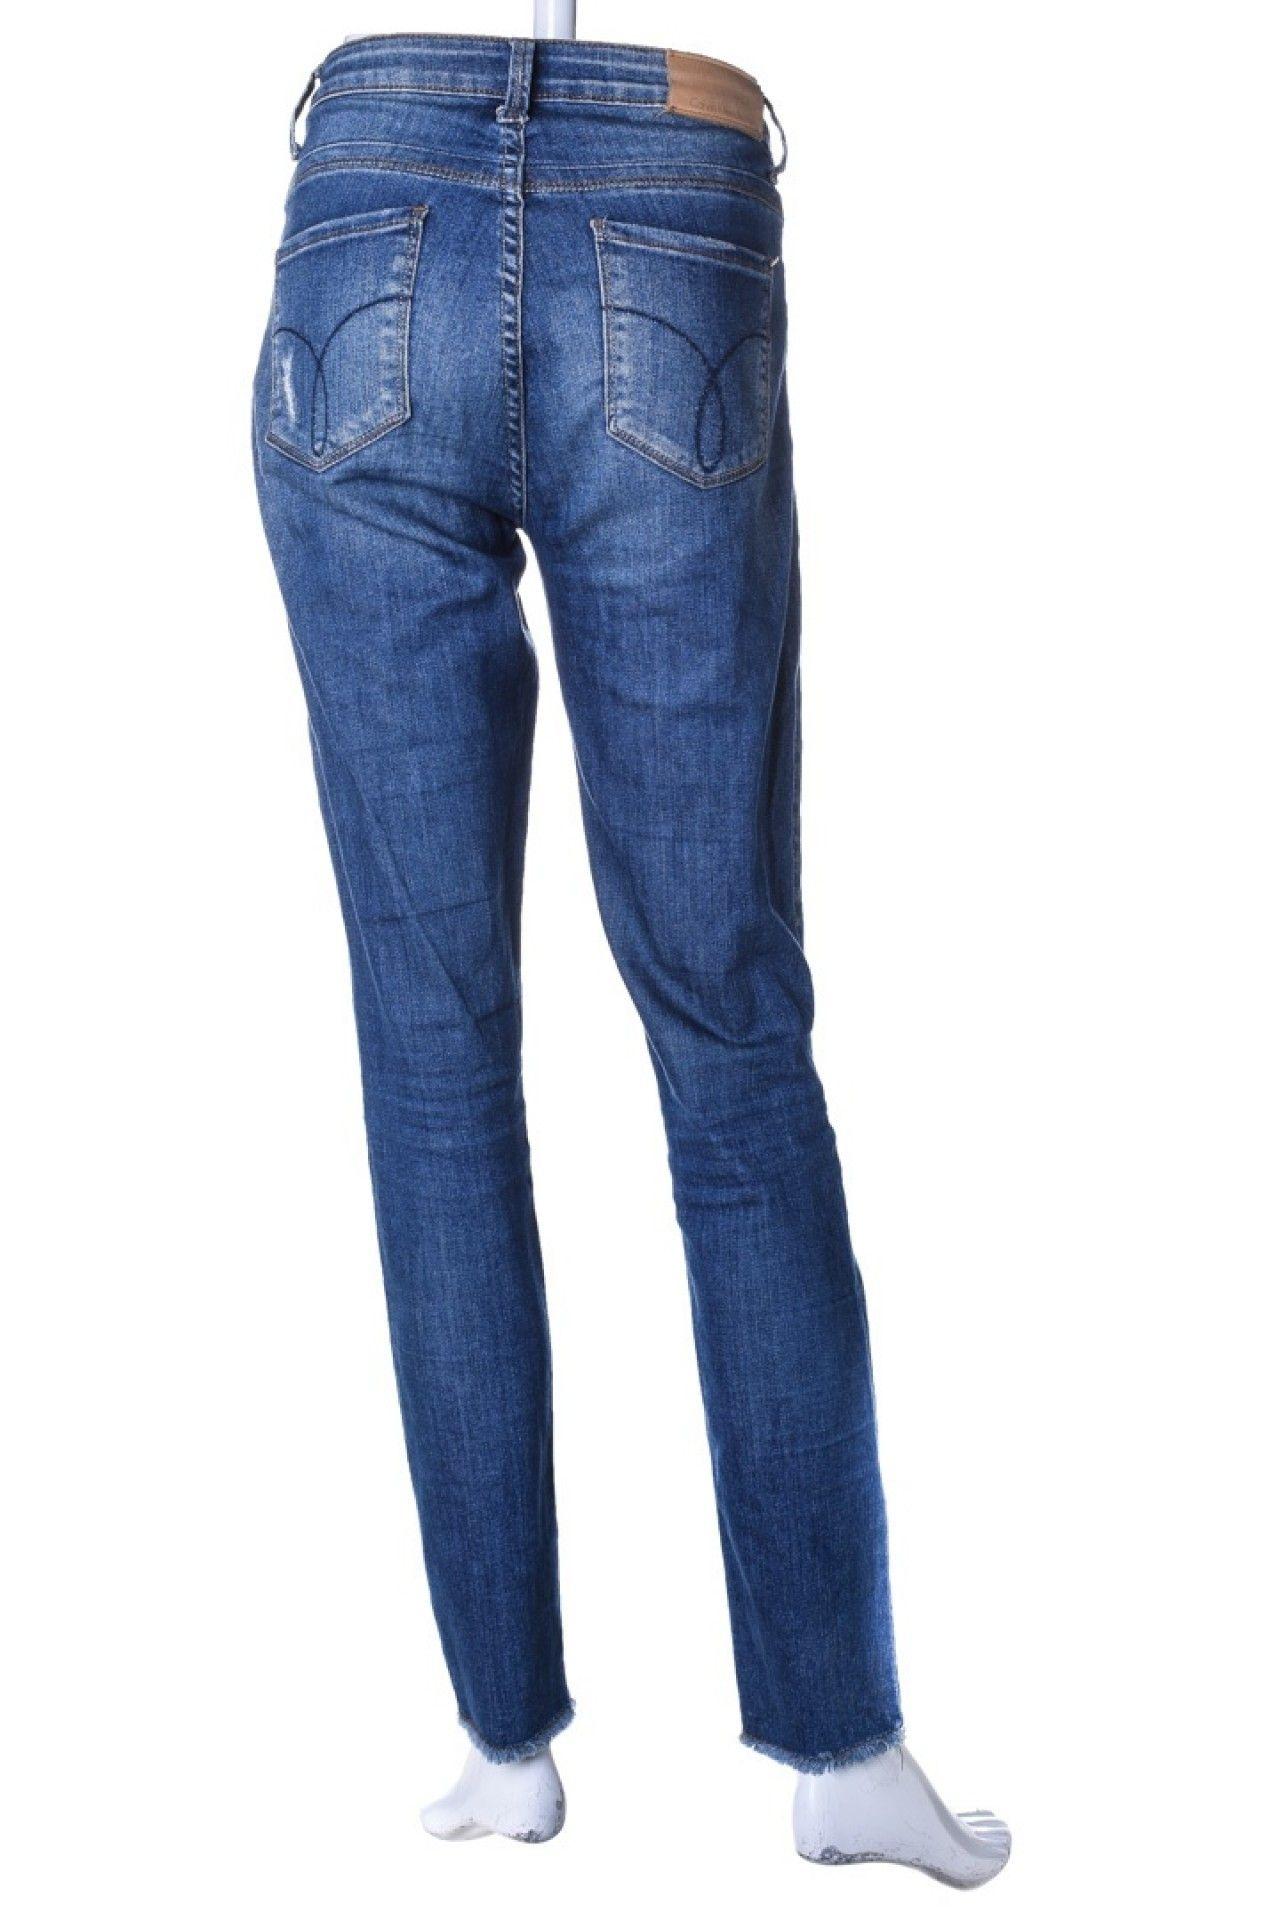 Calvin Klein - Calça Jeans Reta  - Foto 2